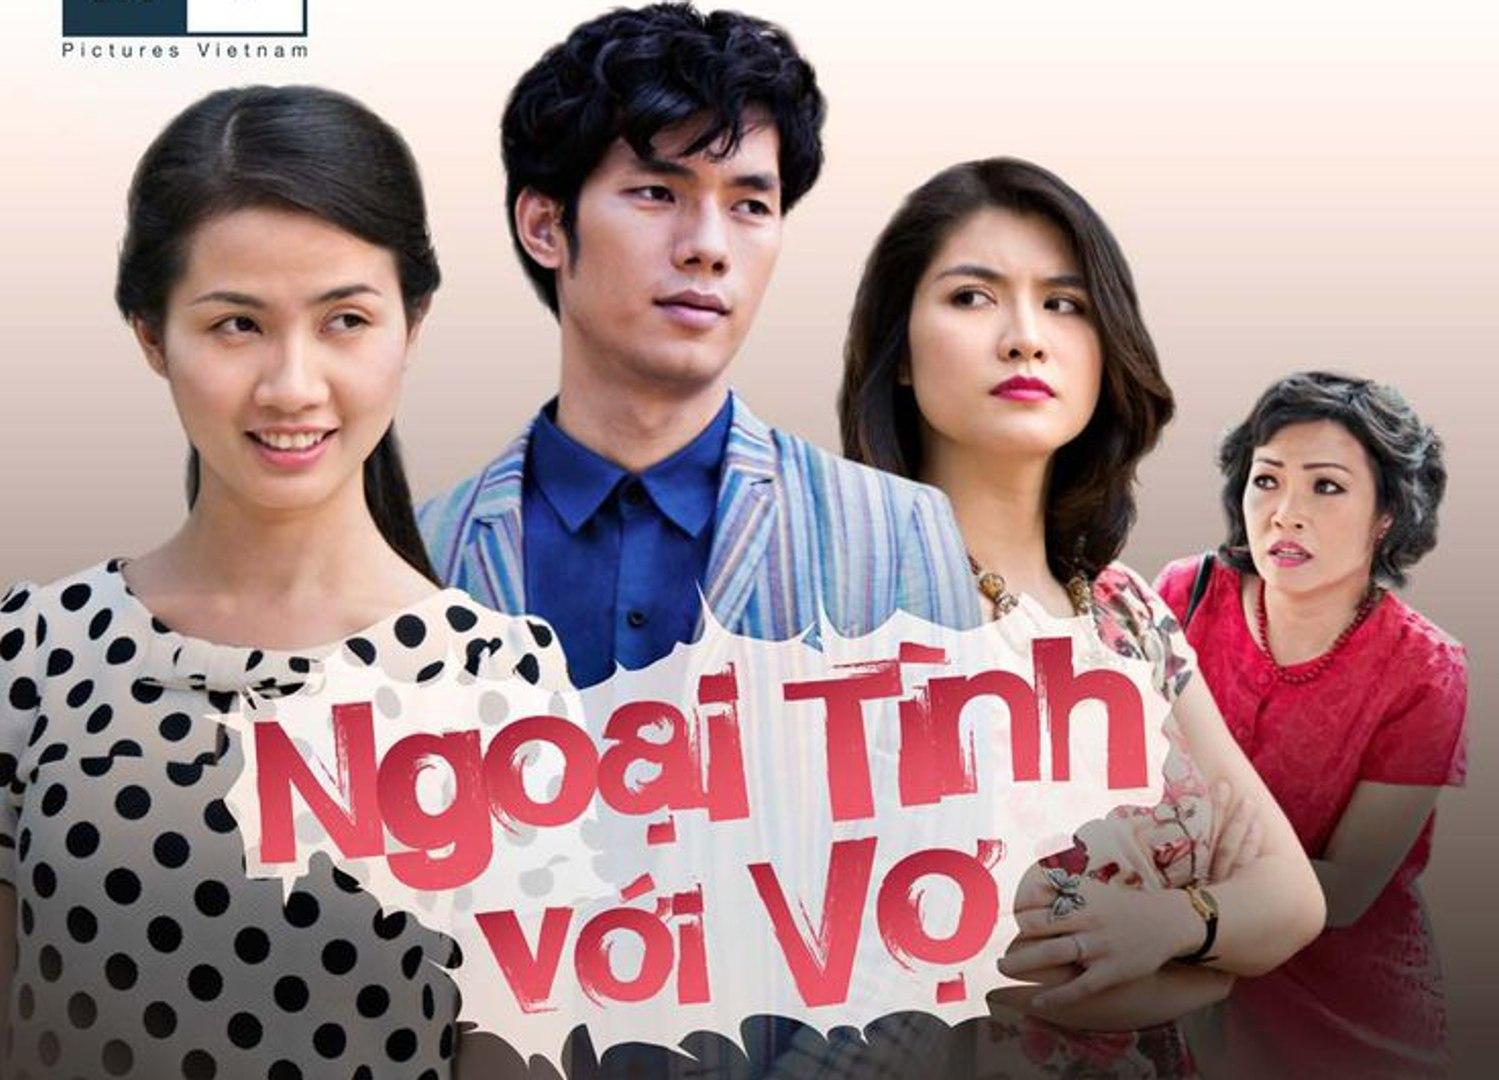 Trực tiếp :Phim Việt Nam:  Ngoại tình với vợ - Tập 11